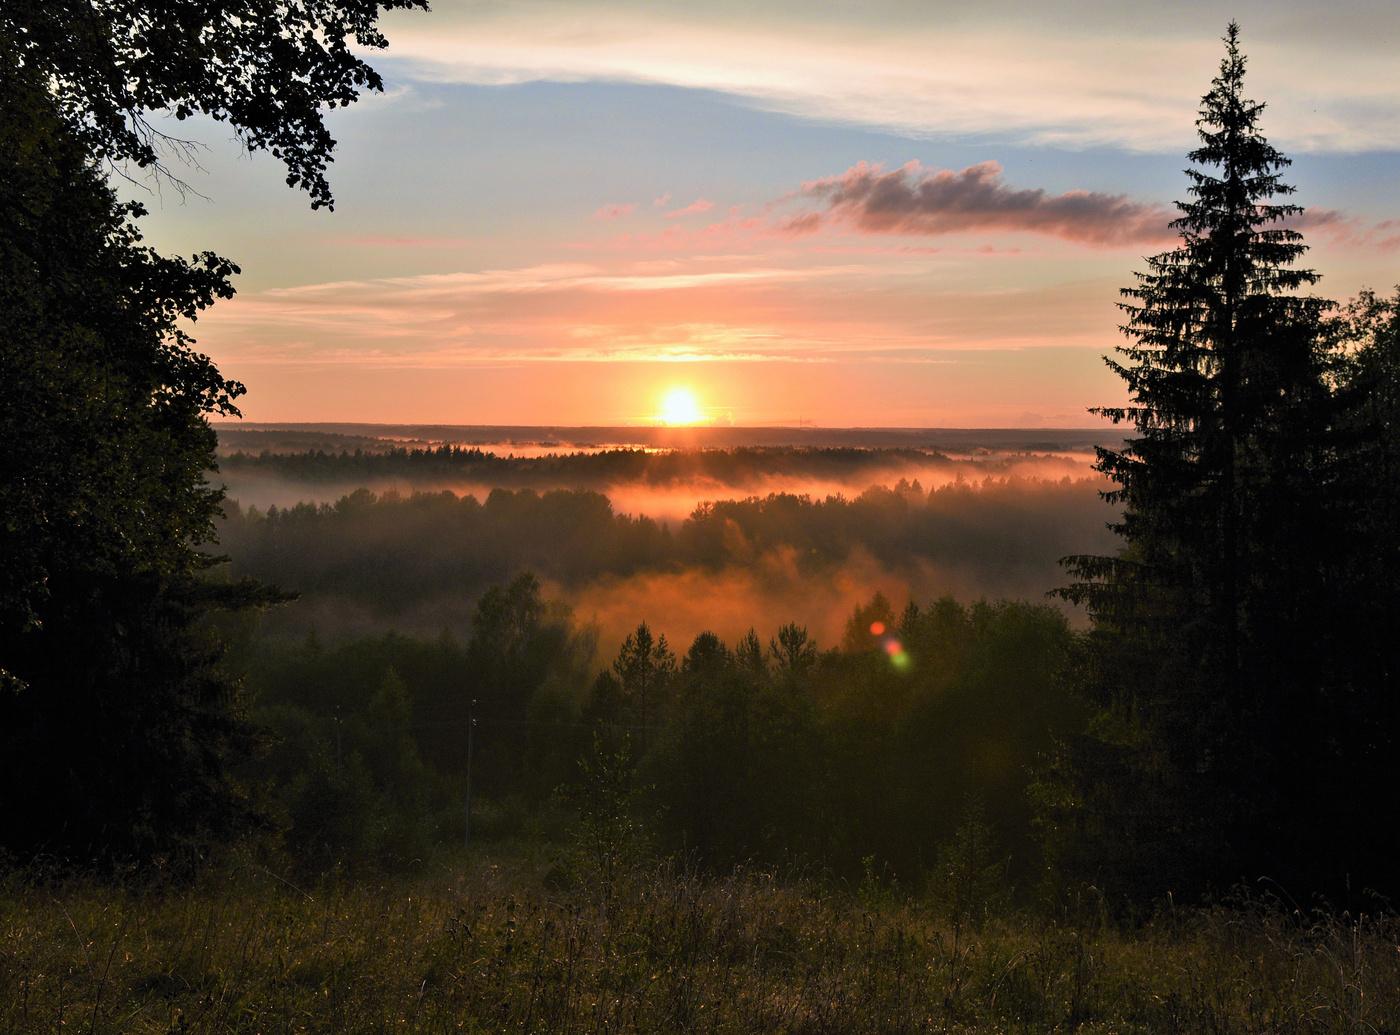 картинки с вечерним лесом своих работах бенуа